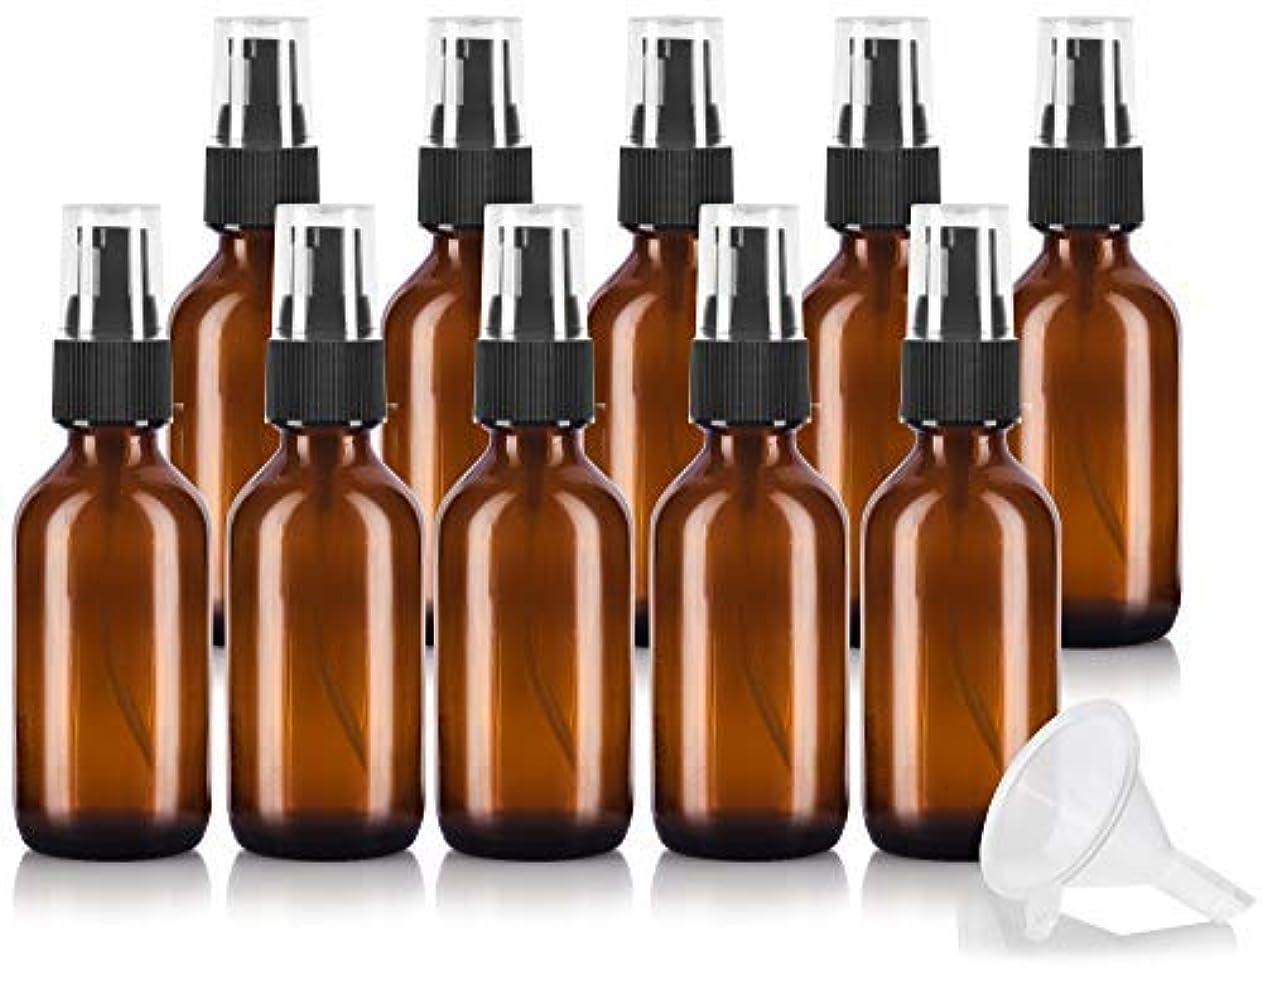 宣言する天皇膨らませる2 oz Amber Glass Boston Round Treatment Pump Bottle (10 pack) + Funnel and Labels for essential oils, aromatherapy...